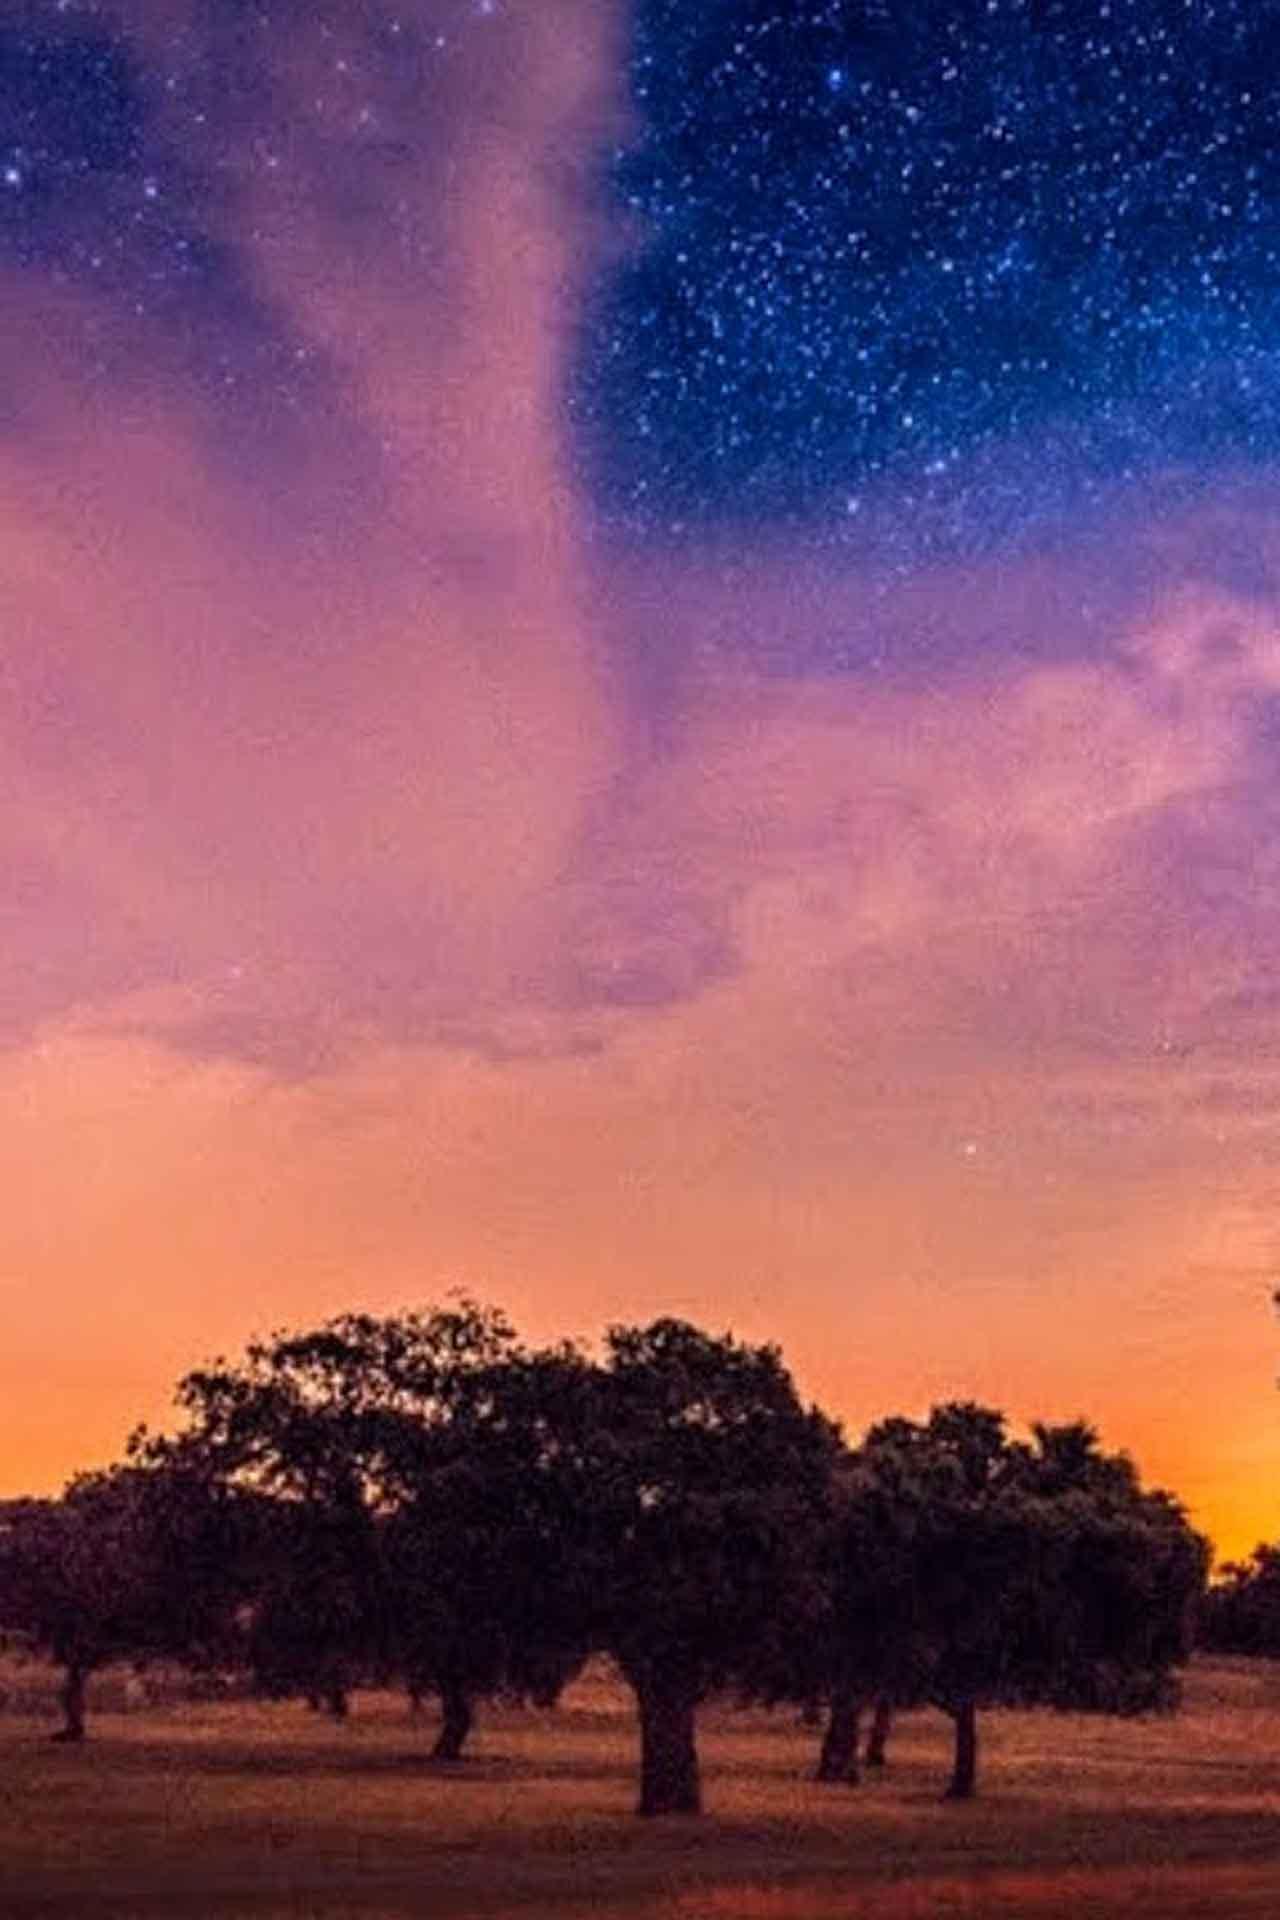 Reserva 'starlight' del Valle de los Pedroches en Córdoba | Starlight reserve | Réserve starlight